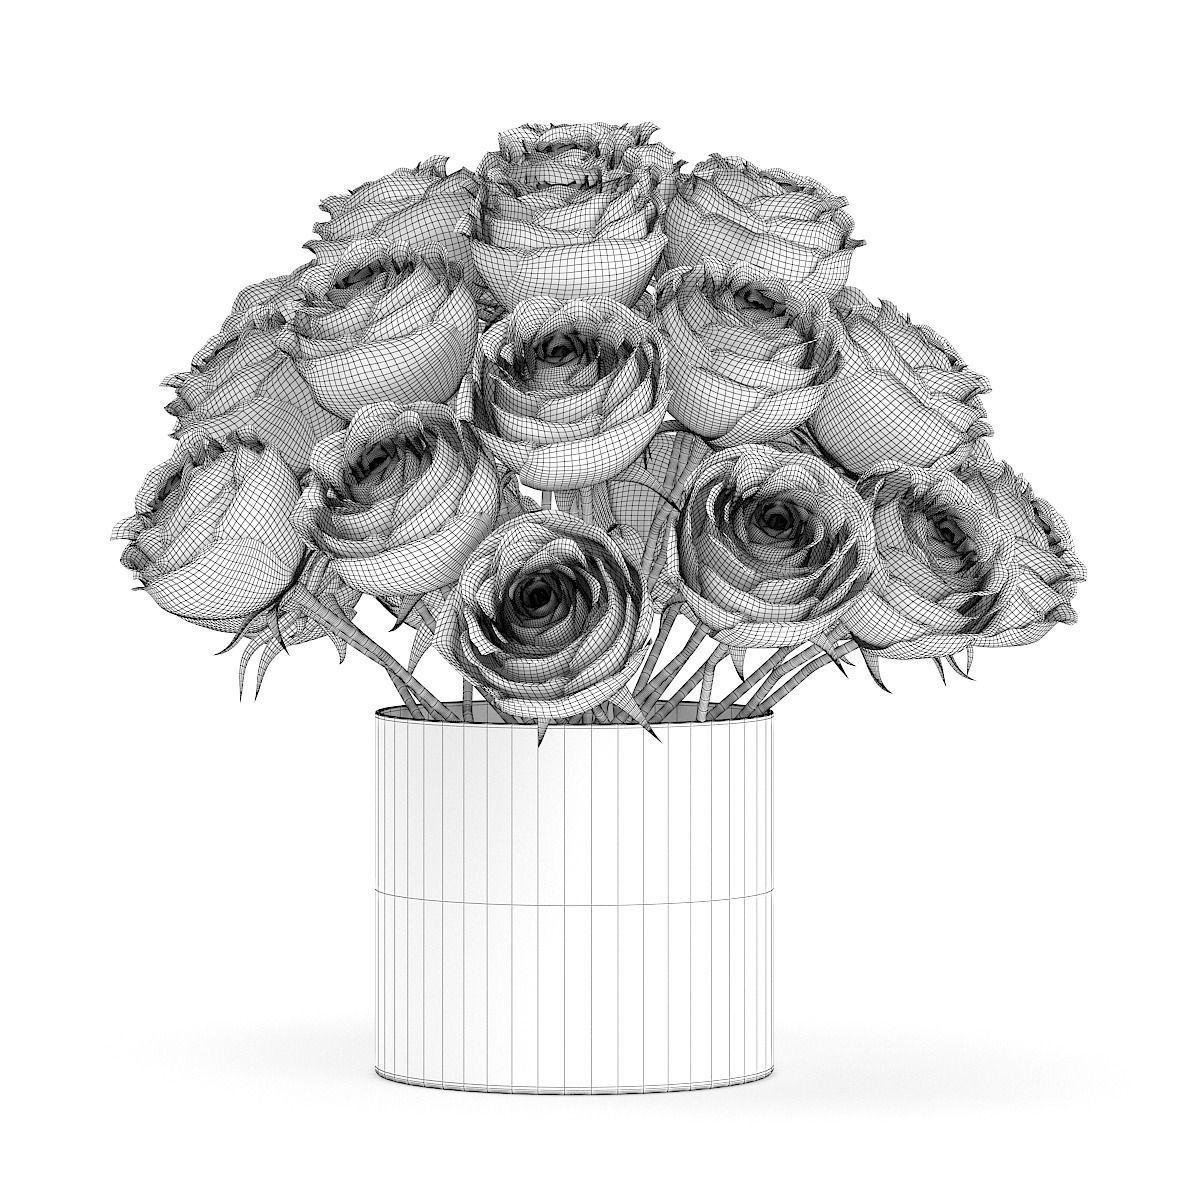 Drawn rose glass vase FBX 3d white glass Vase